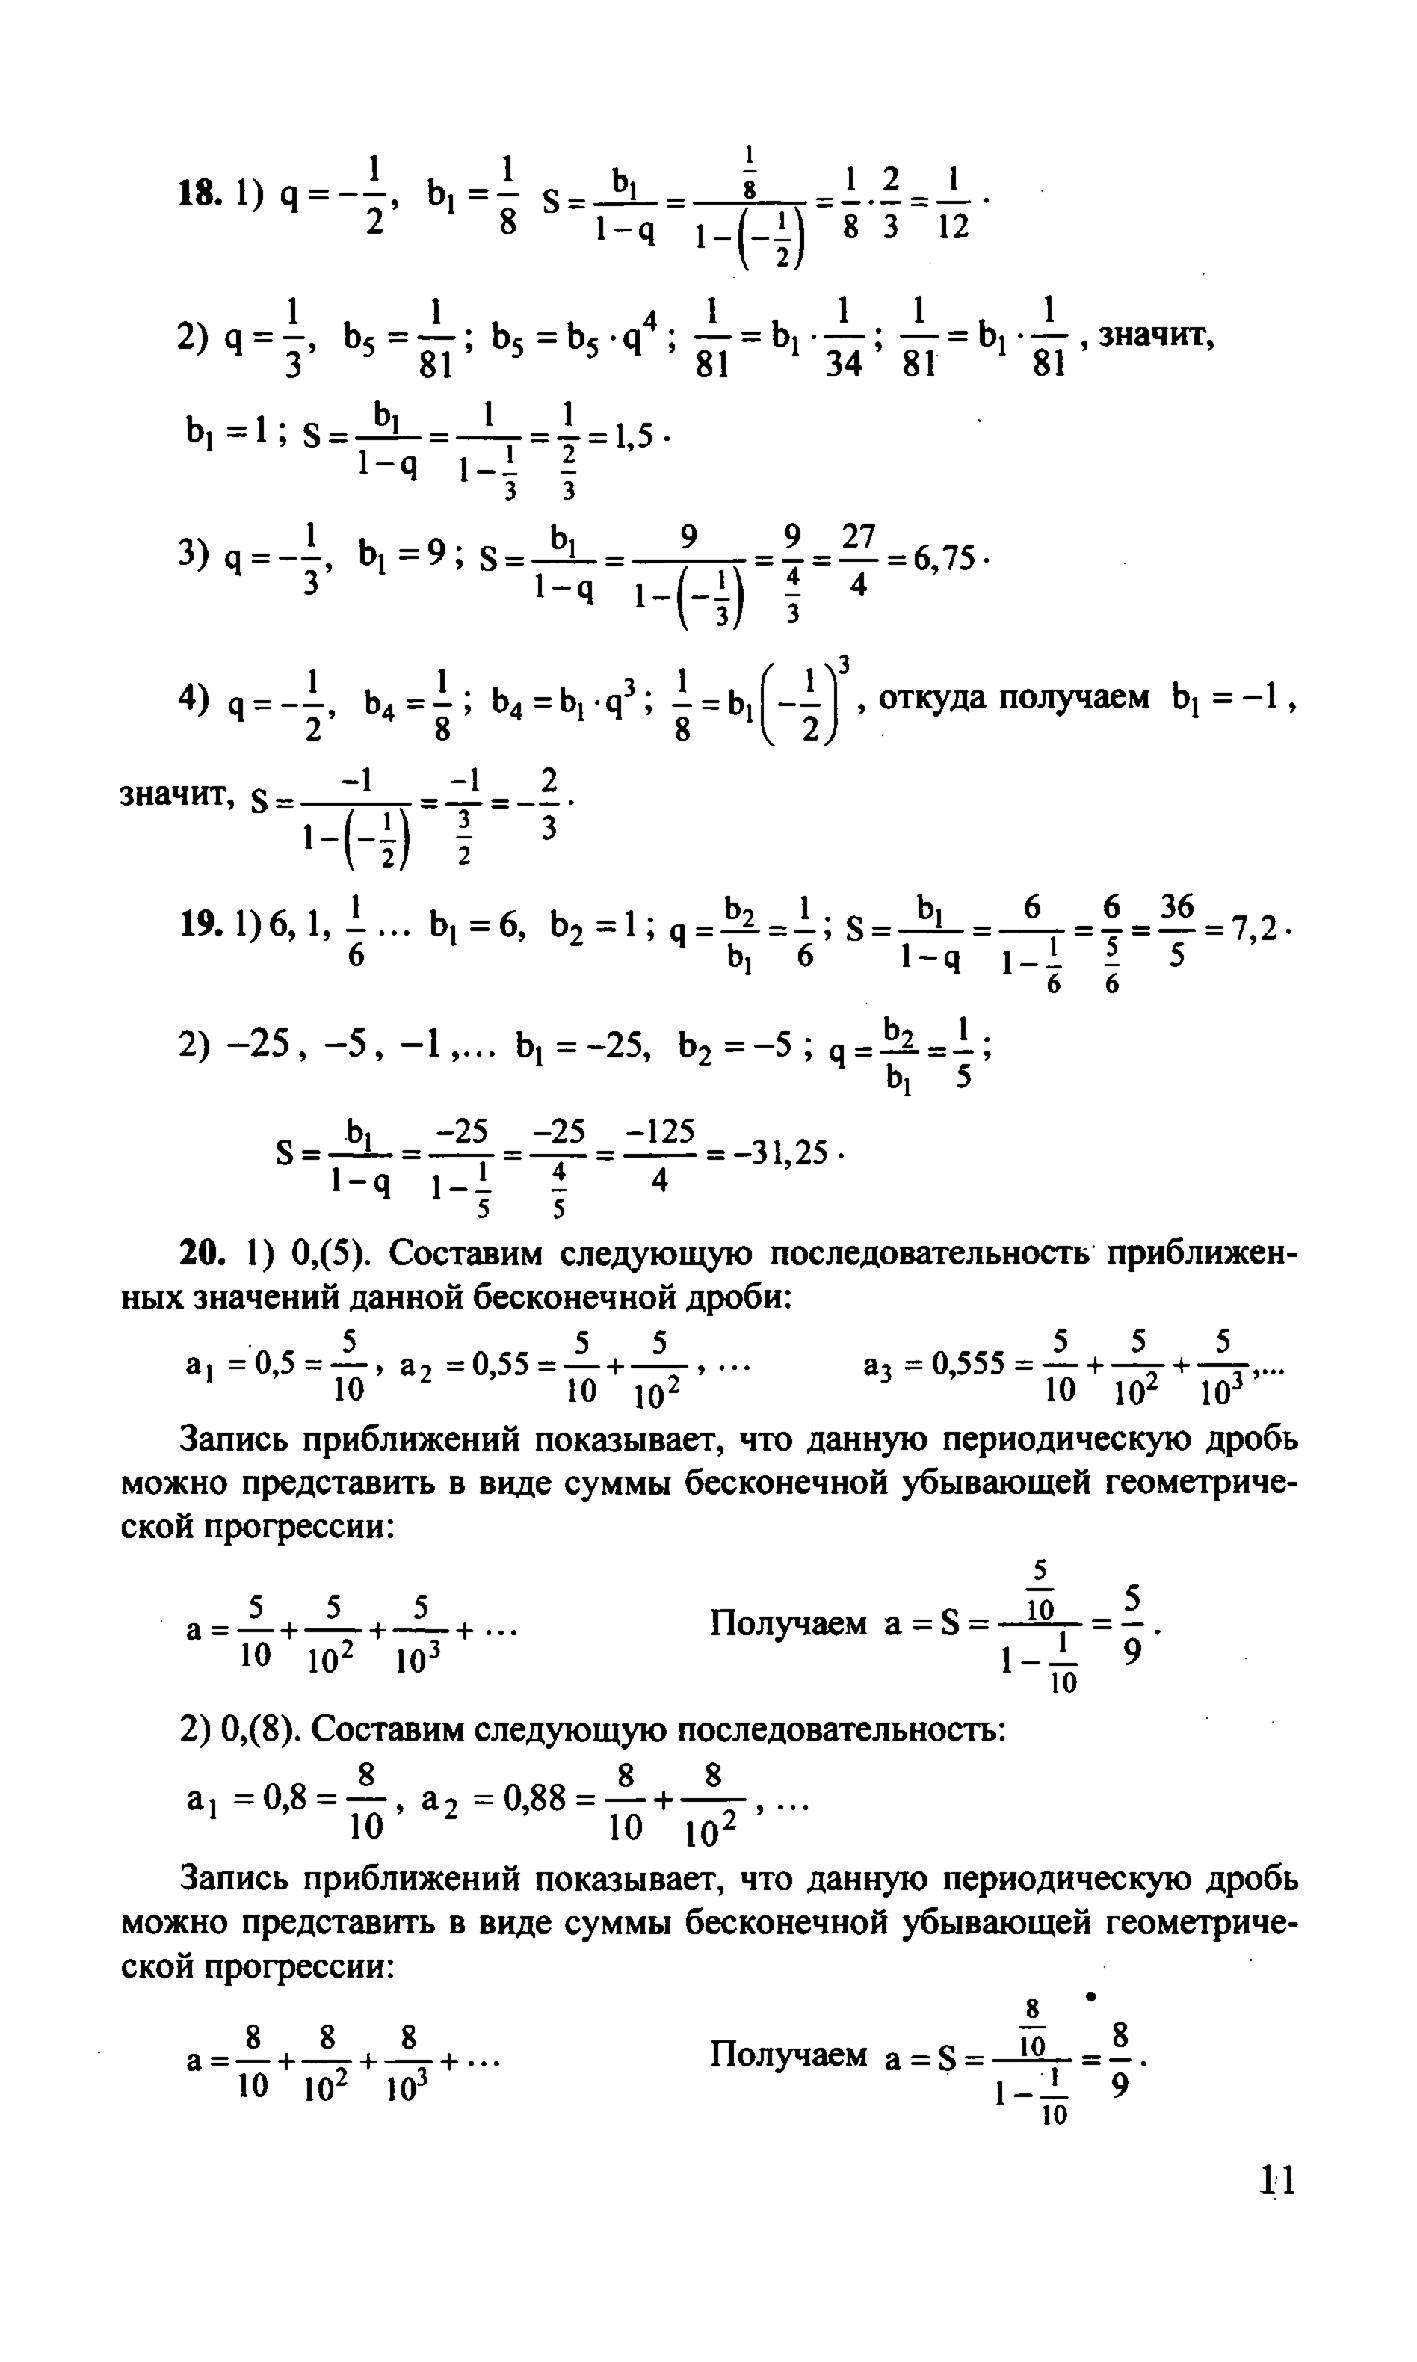 Гдз без скачивания 10 класс алгебра о.в.макарова